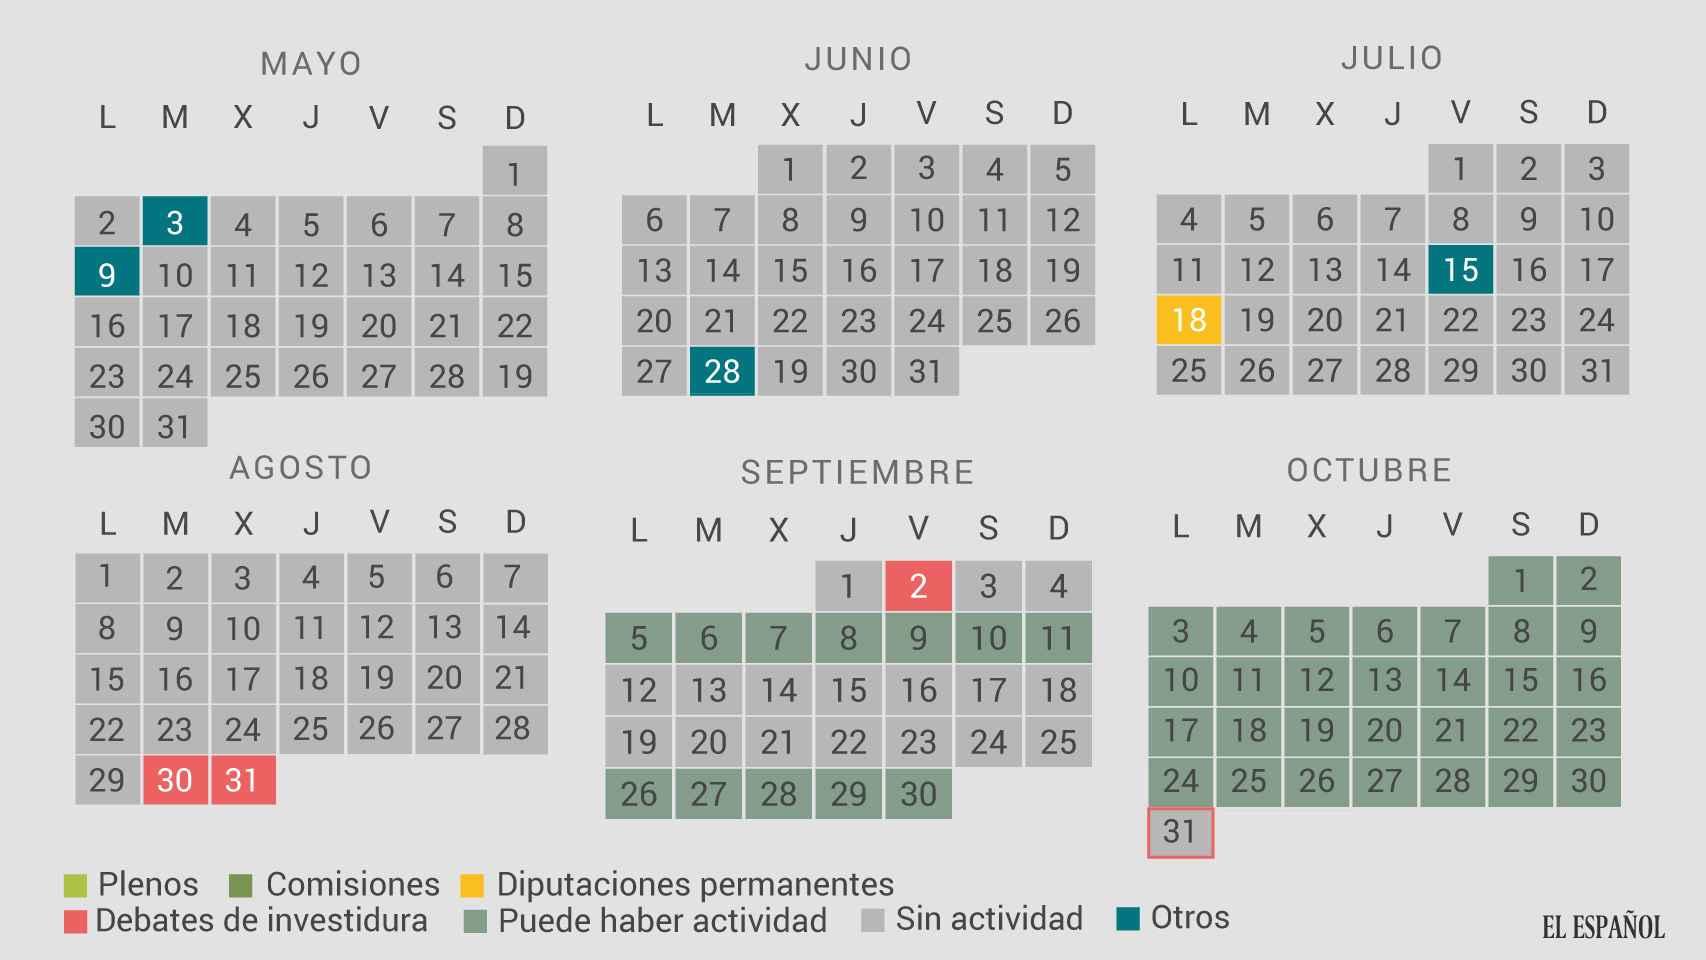 Calendario de los días trabajados por los diputados en 2016.